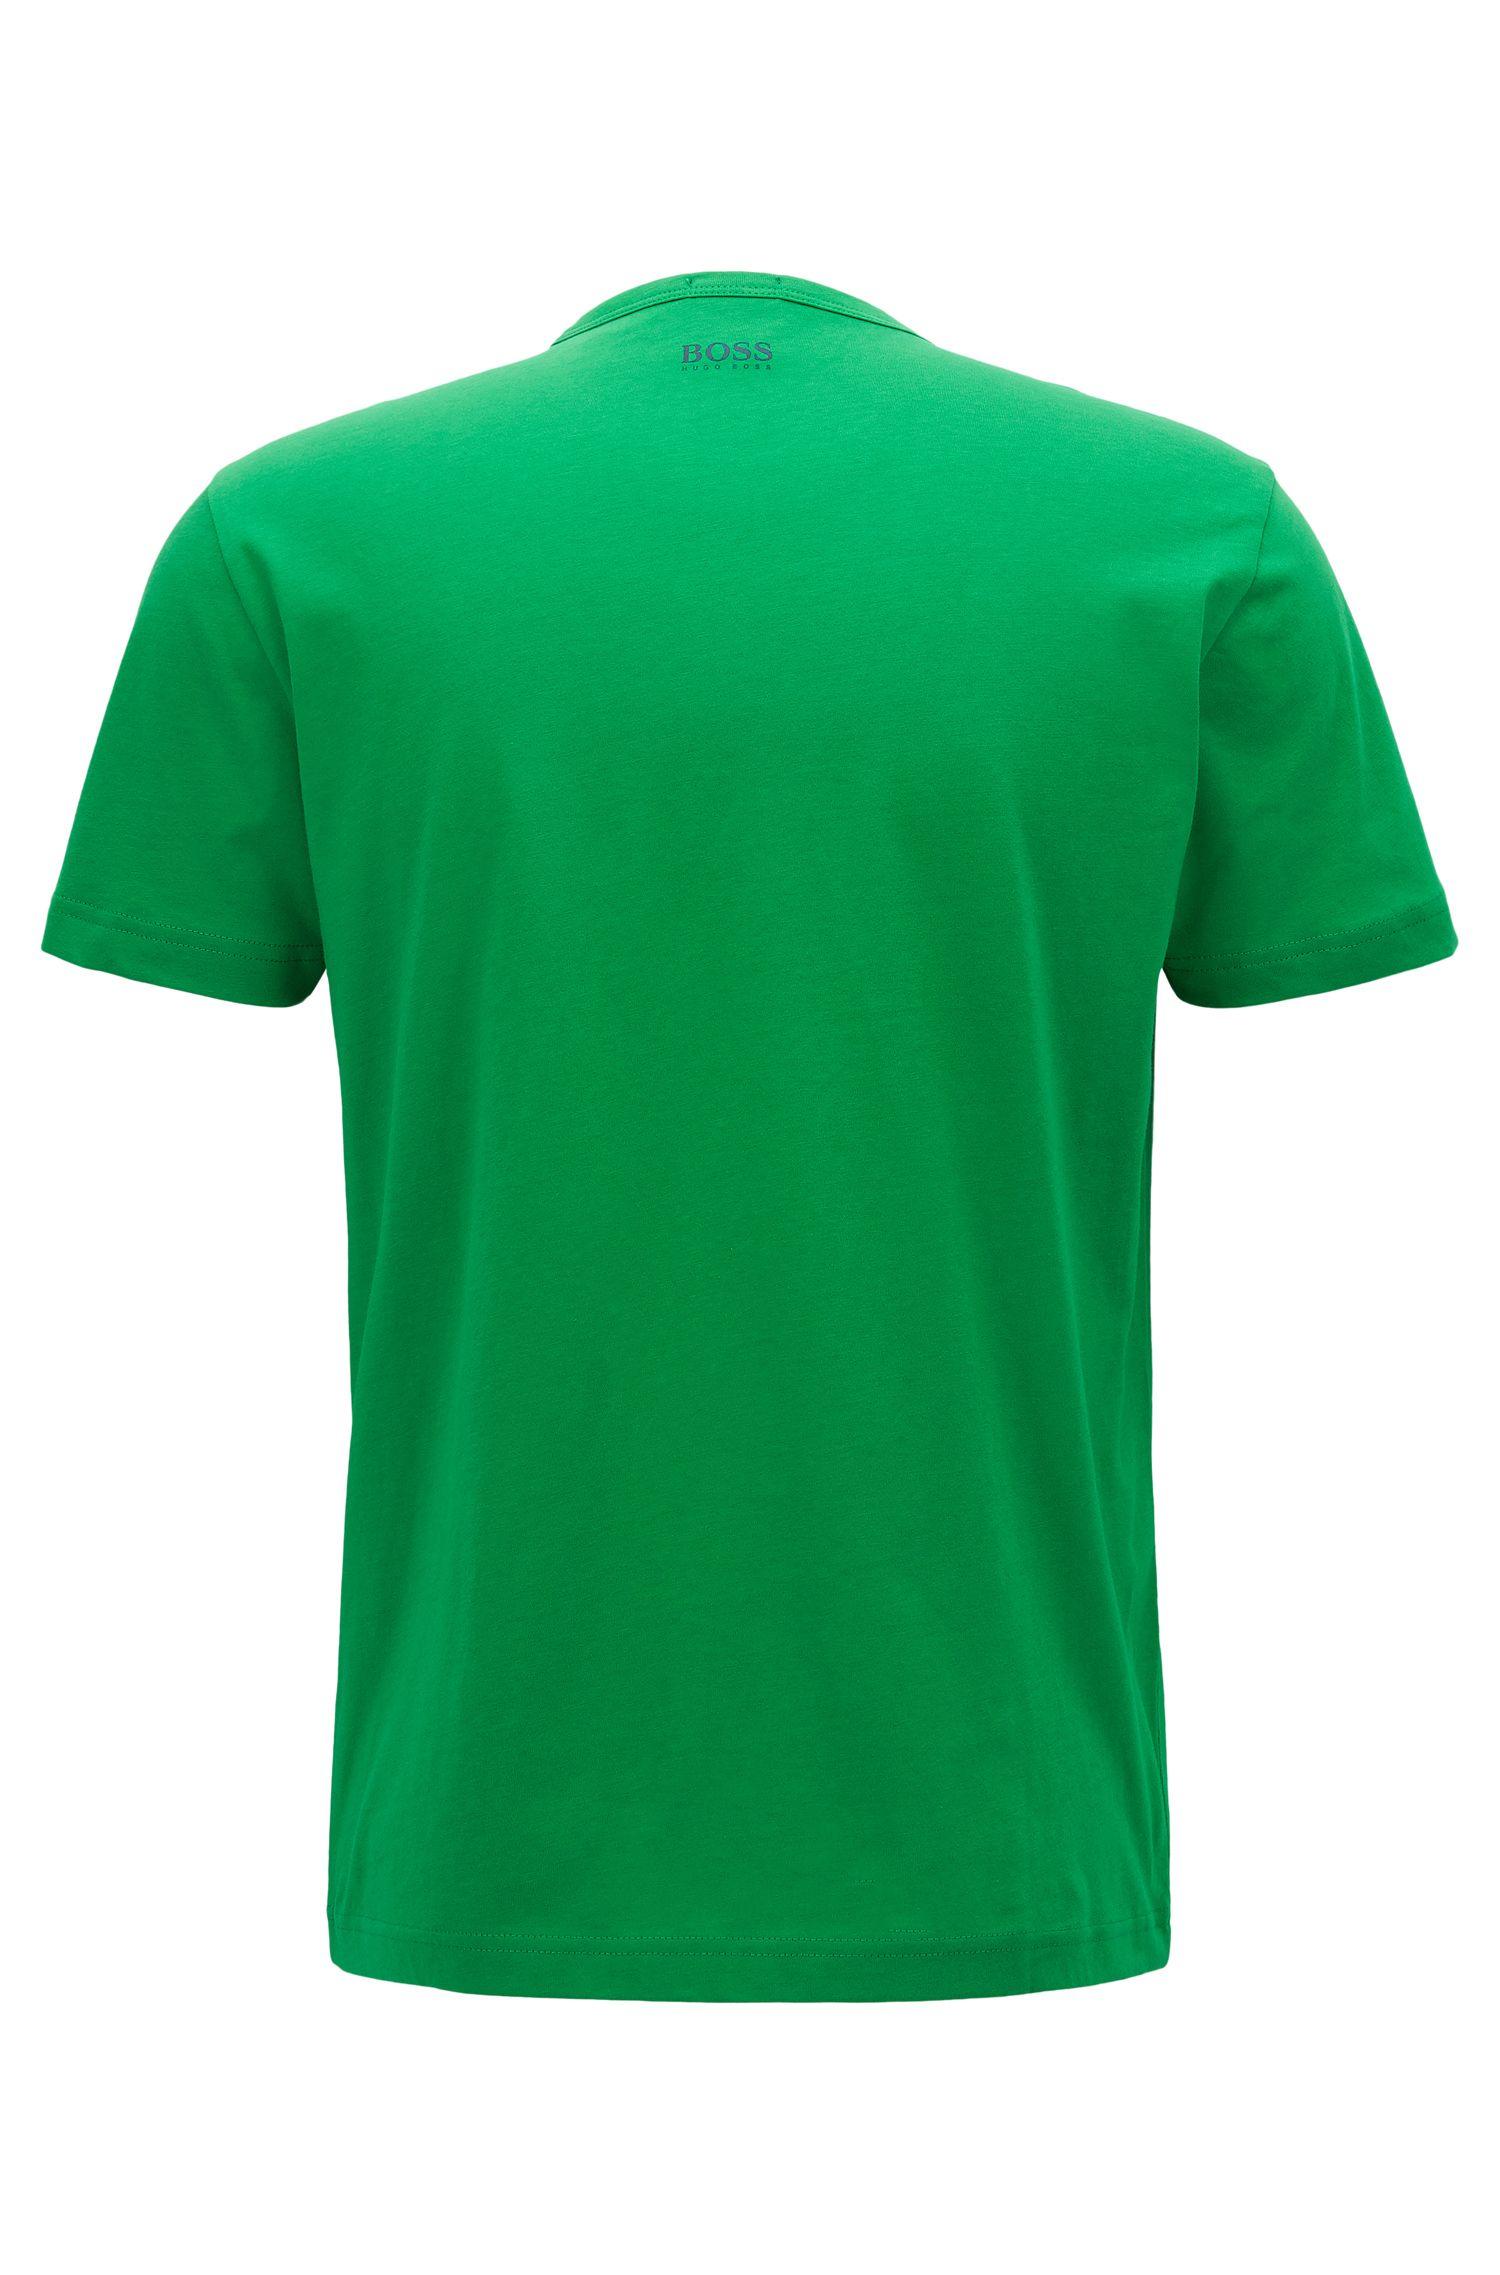 T-Shirt aus Baumwoll-Jersey mit Rundhalsausschnitt